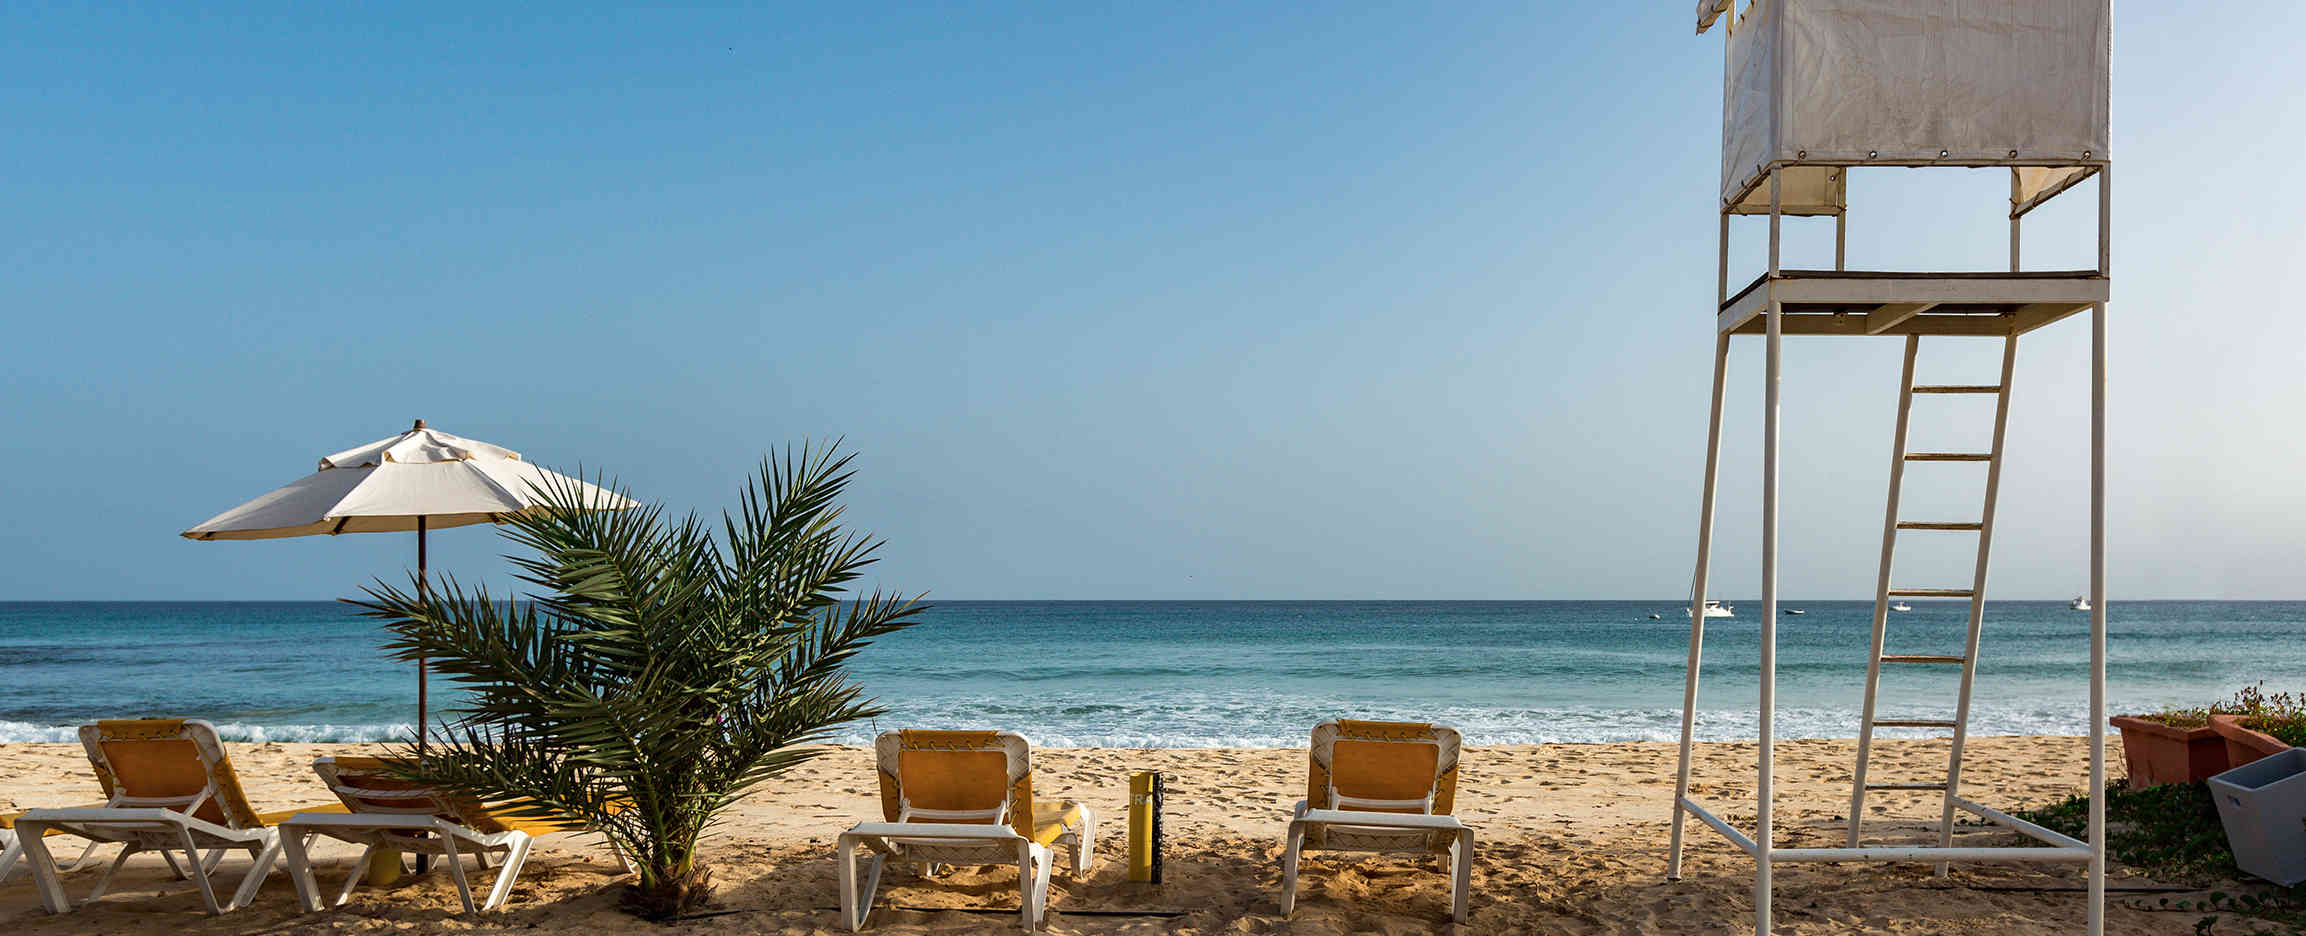 Viajar en Cabo Verde vs todo incluido descubrir